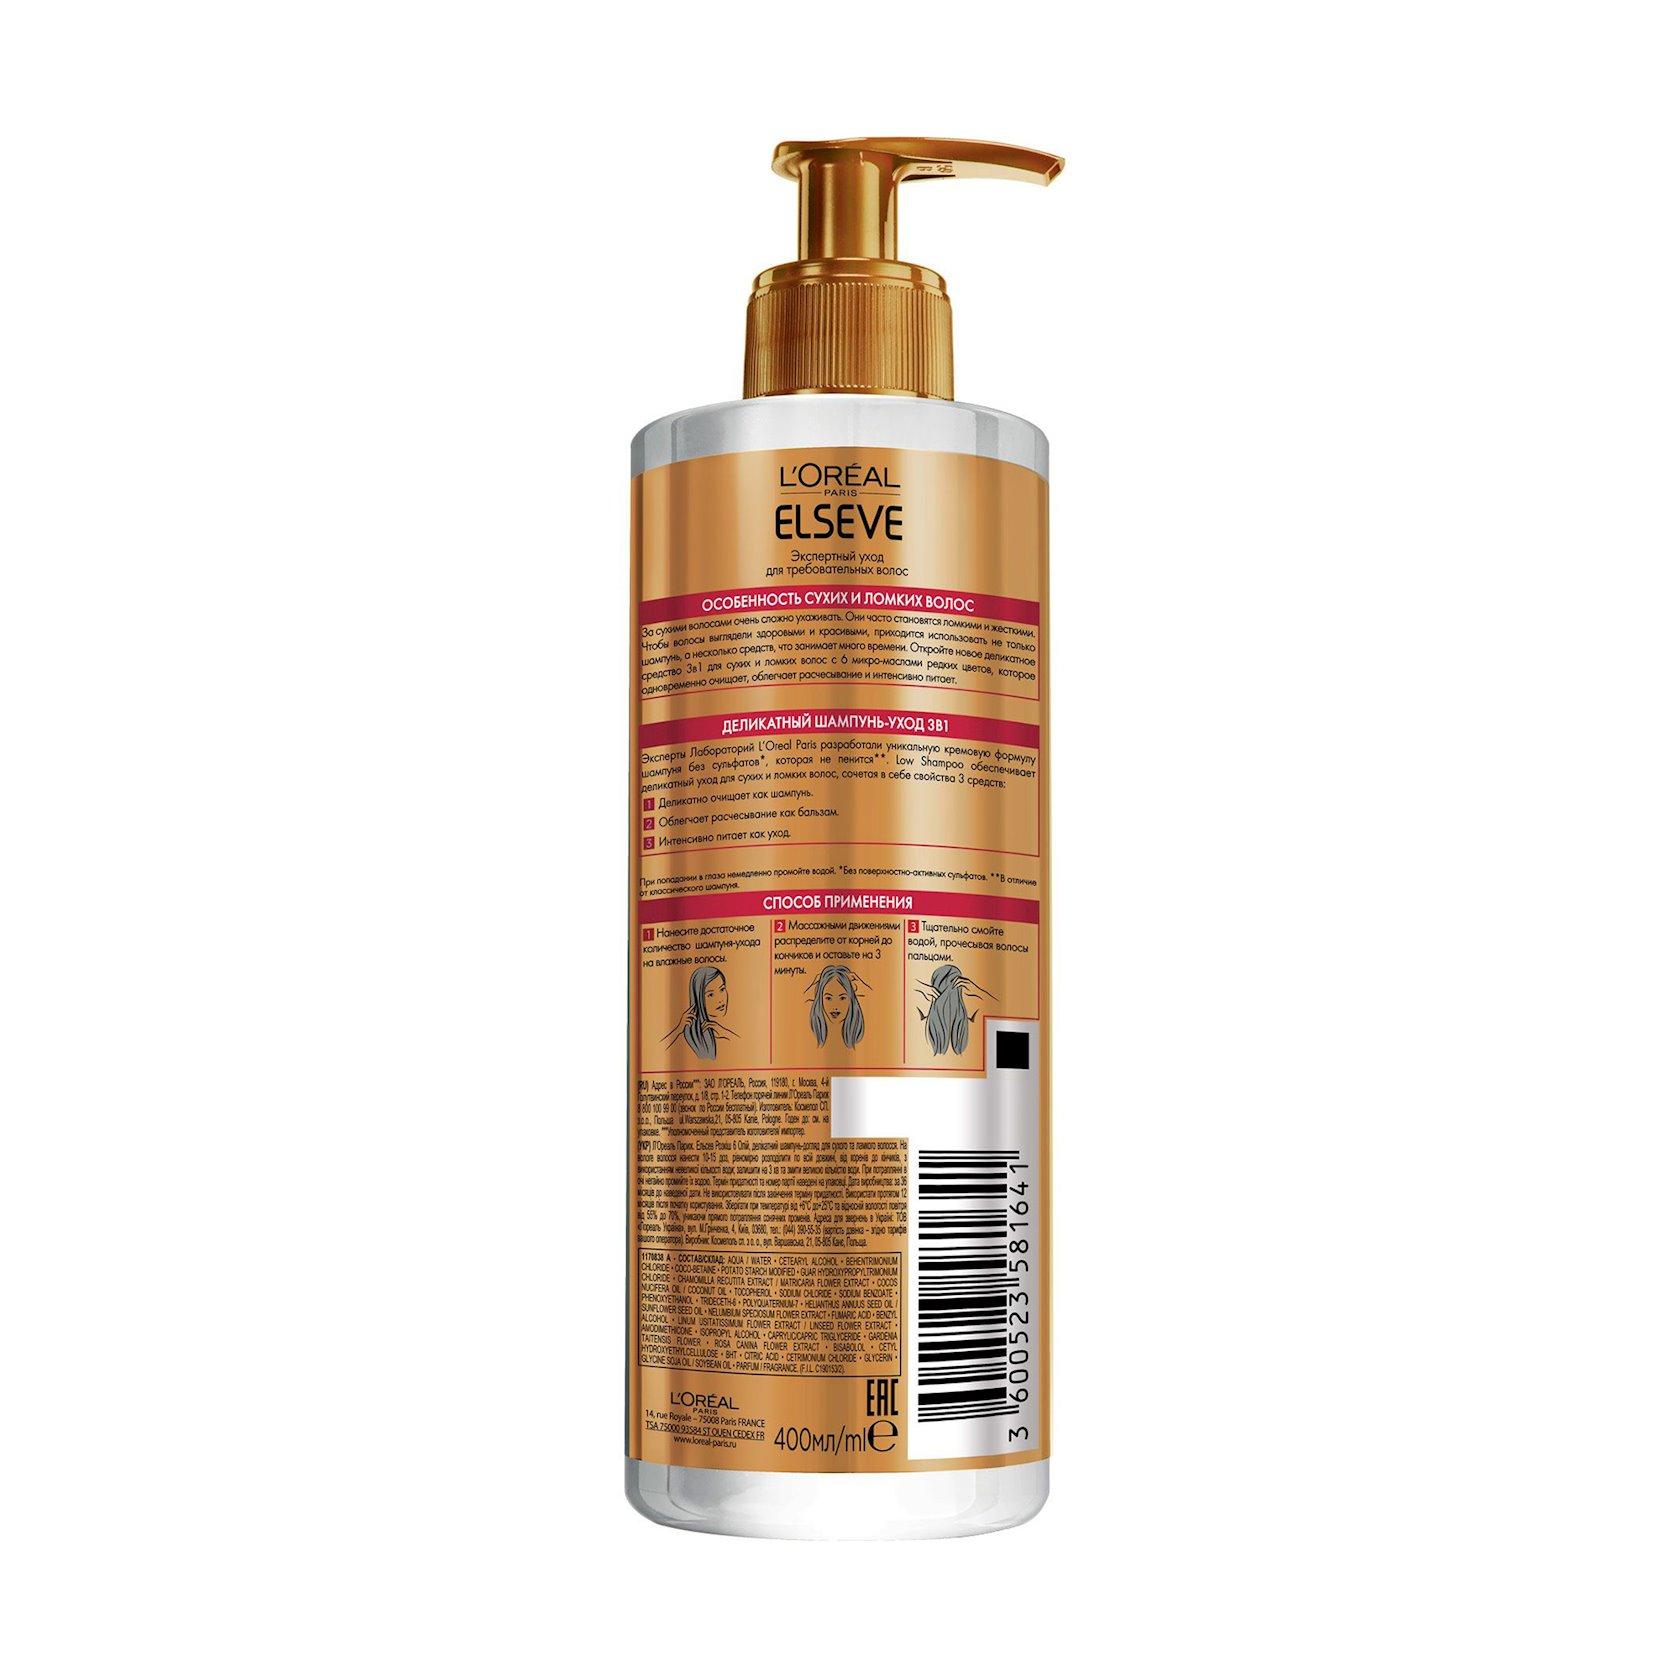 Zərif şampun-baxım 3-ü 1-də L'oreal Paris Elseve Low shampoo 6 yağın dəbdəbəsi quru və qırılan saçlar üçün sulfatsız və köpüksüz 400 ml